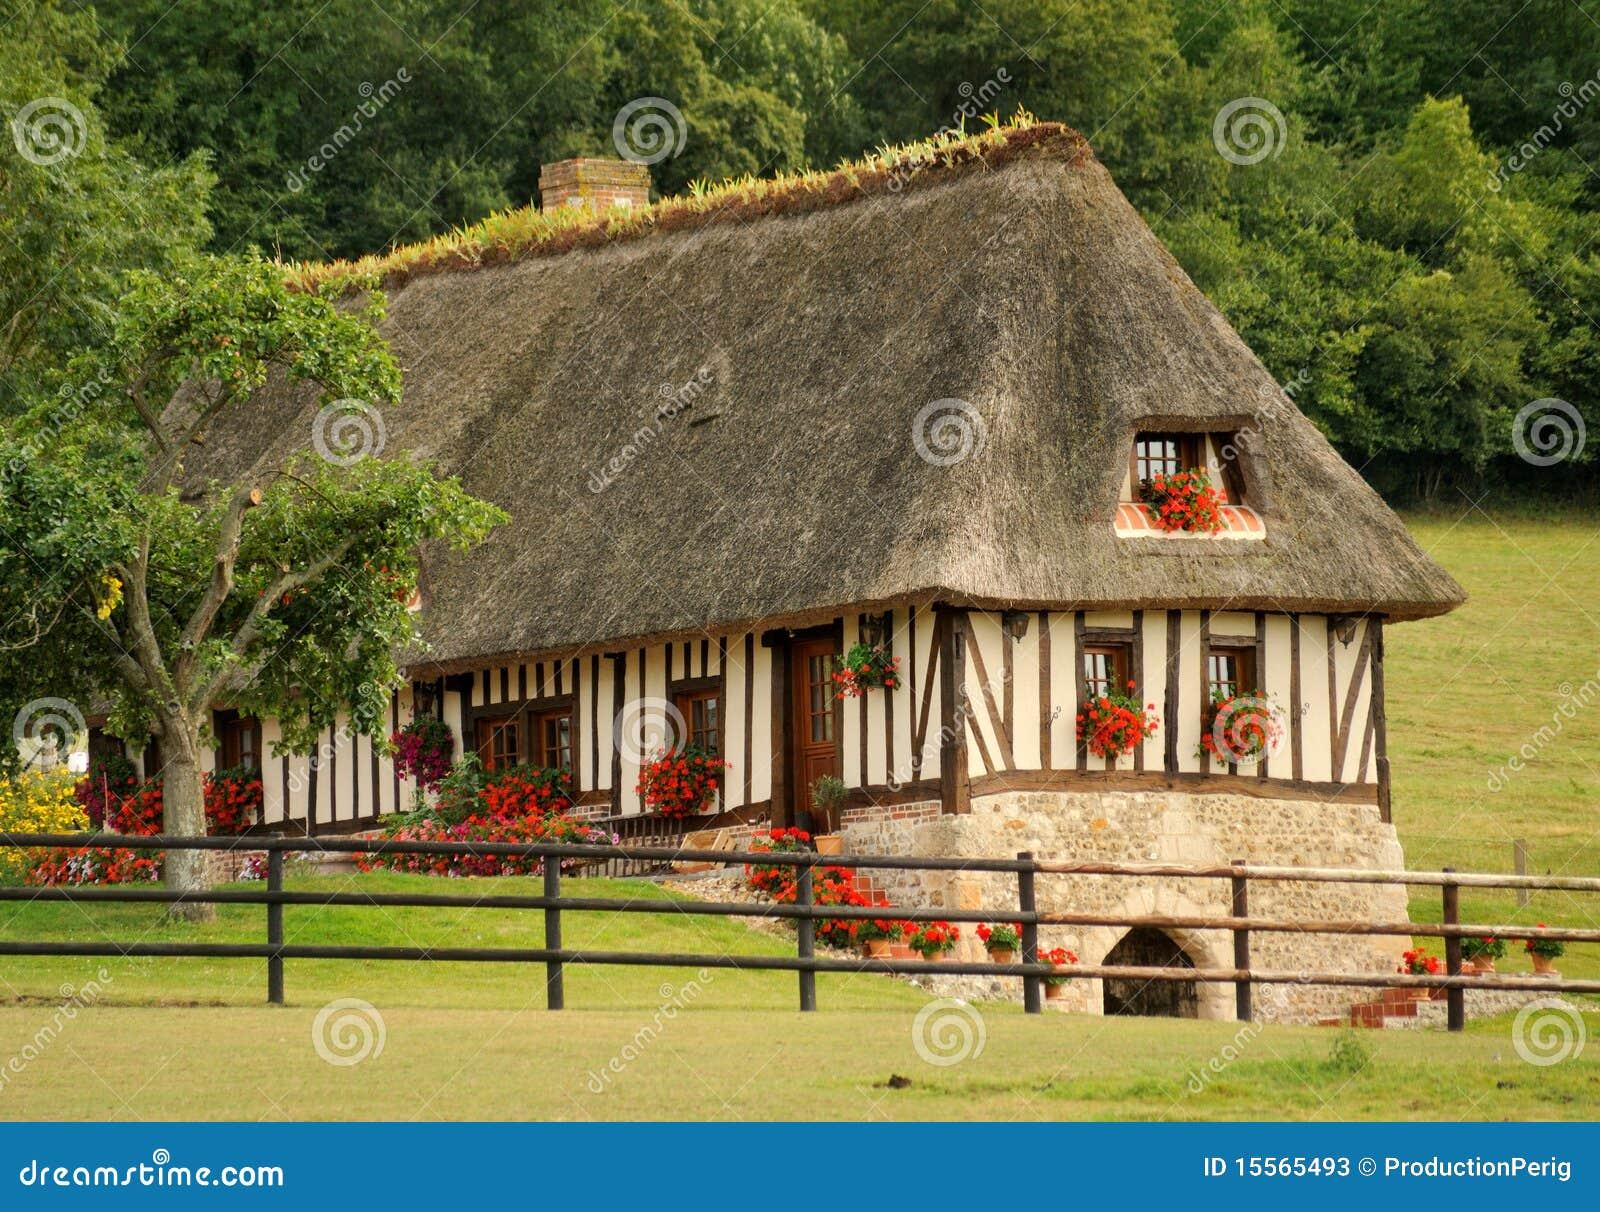 maison fran aise image stock image du vieux histoire 15565493. Black Bedroom Furniture Sets. Home Design Ideas